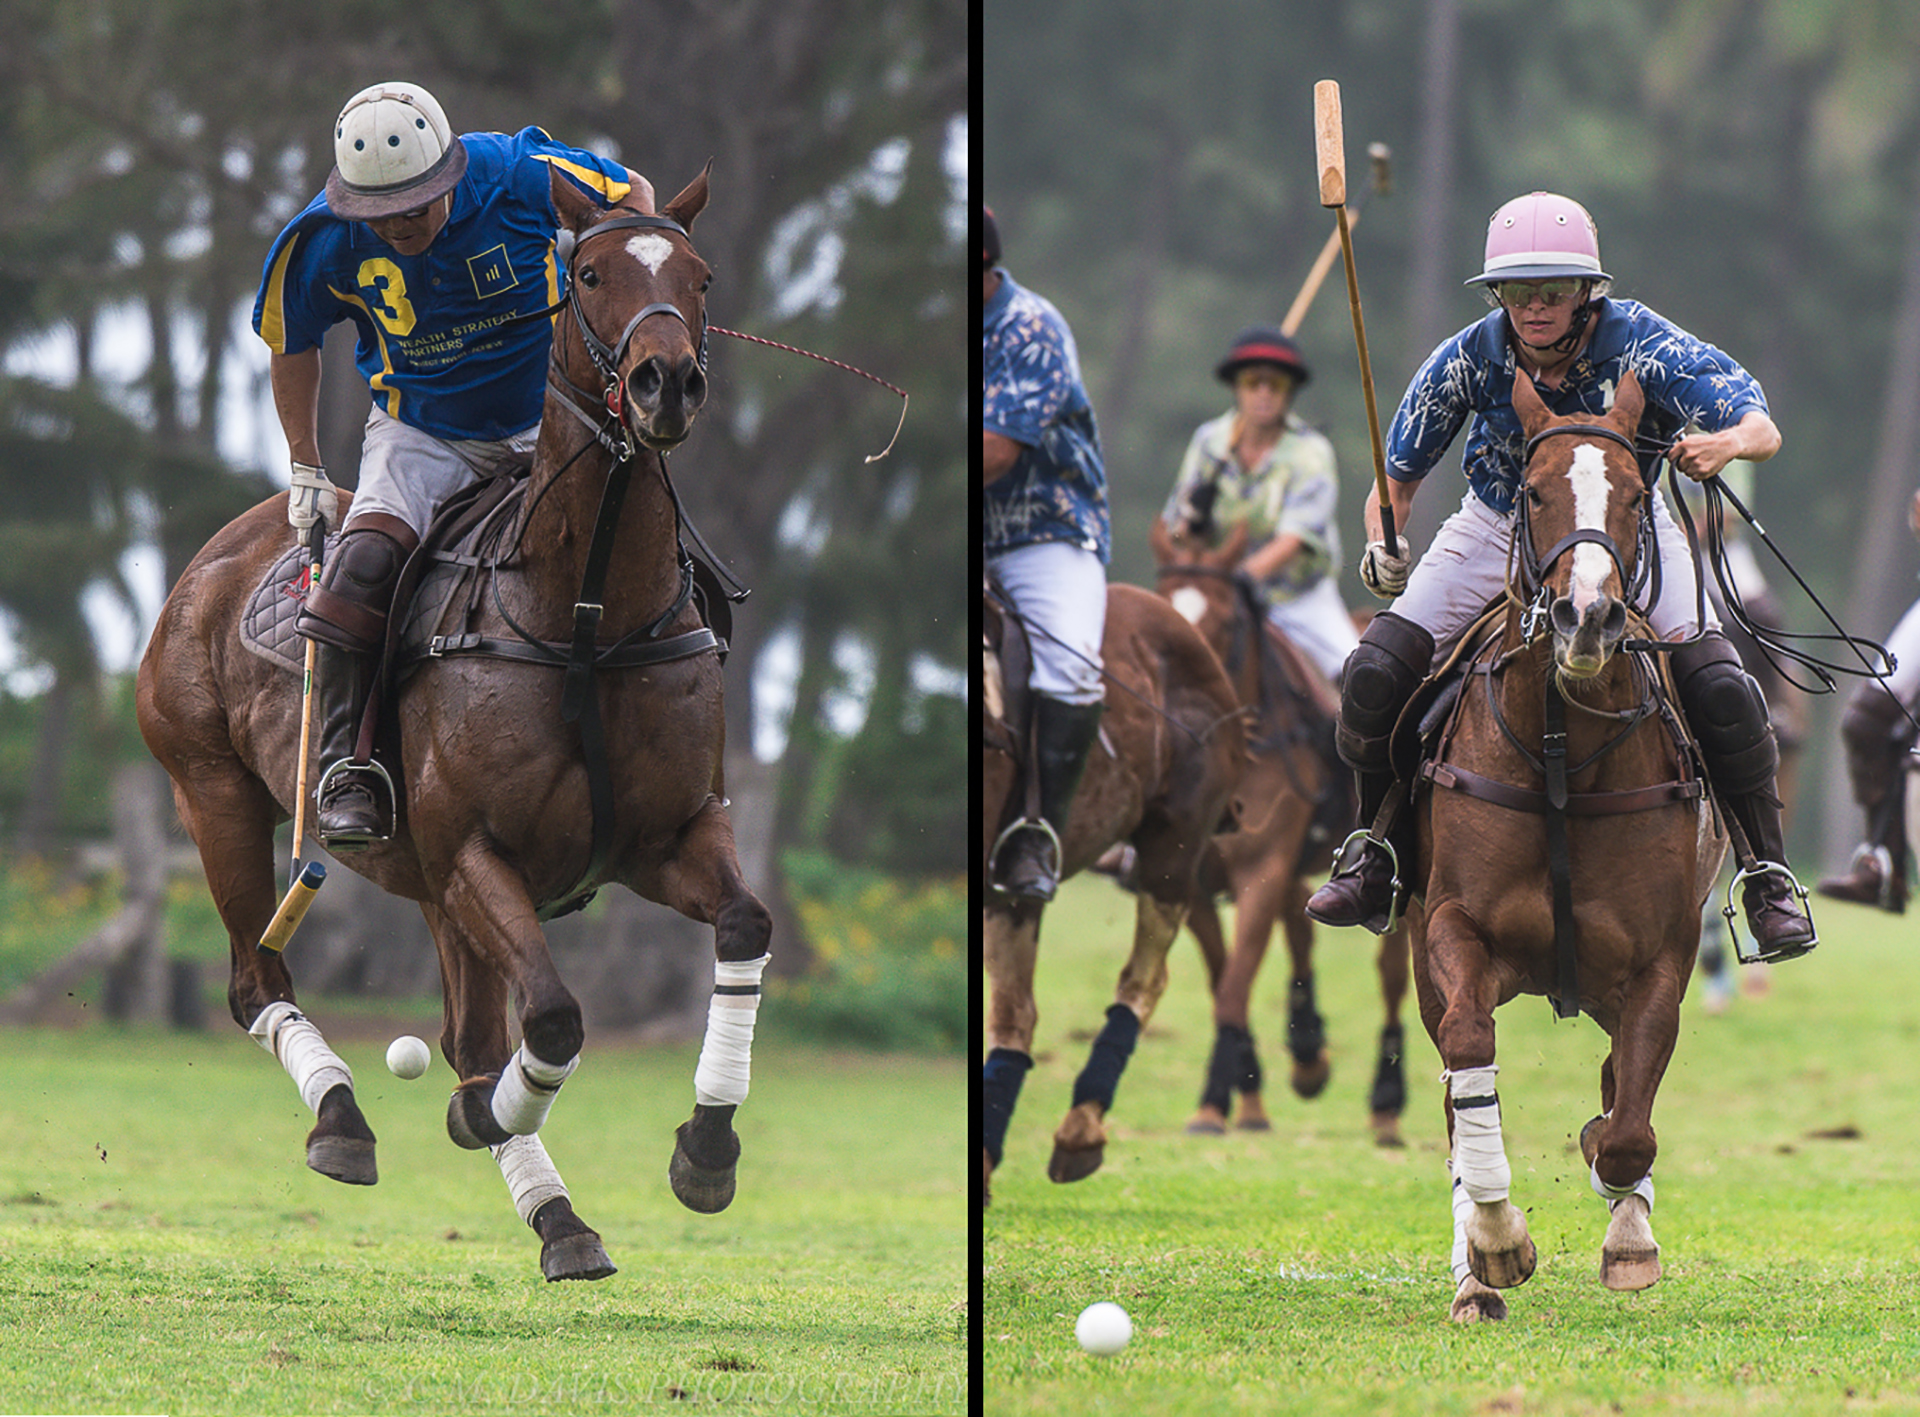 Action Photos Collage - TWO PHOTOS - 04-15-2018_lr1920.jpg